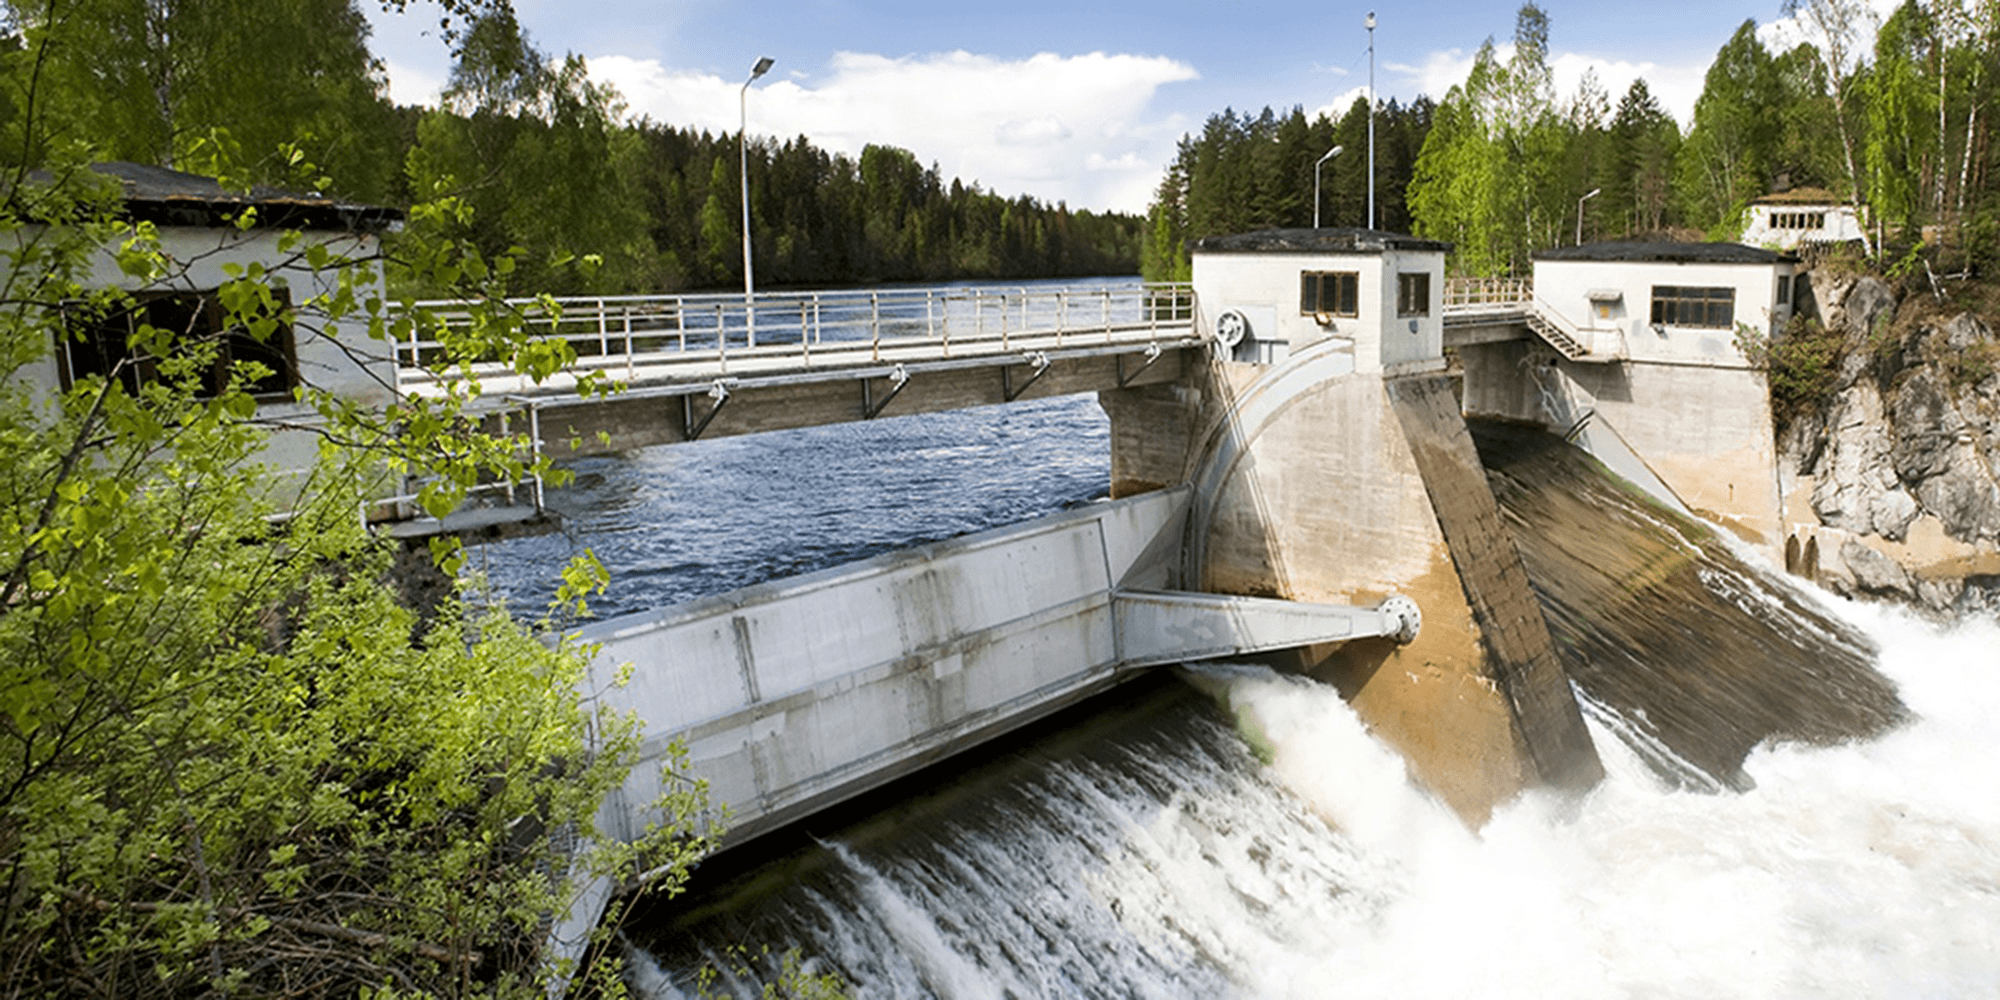 Bilde av et vannkraftverk for å illustrere elsertifikater kan selges om man satser på fornybar enegi